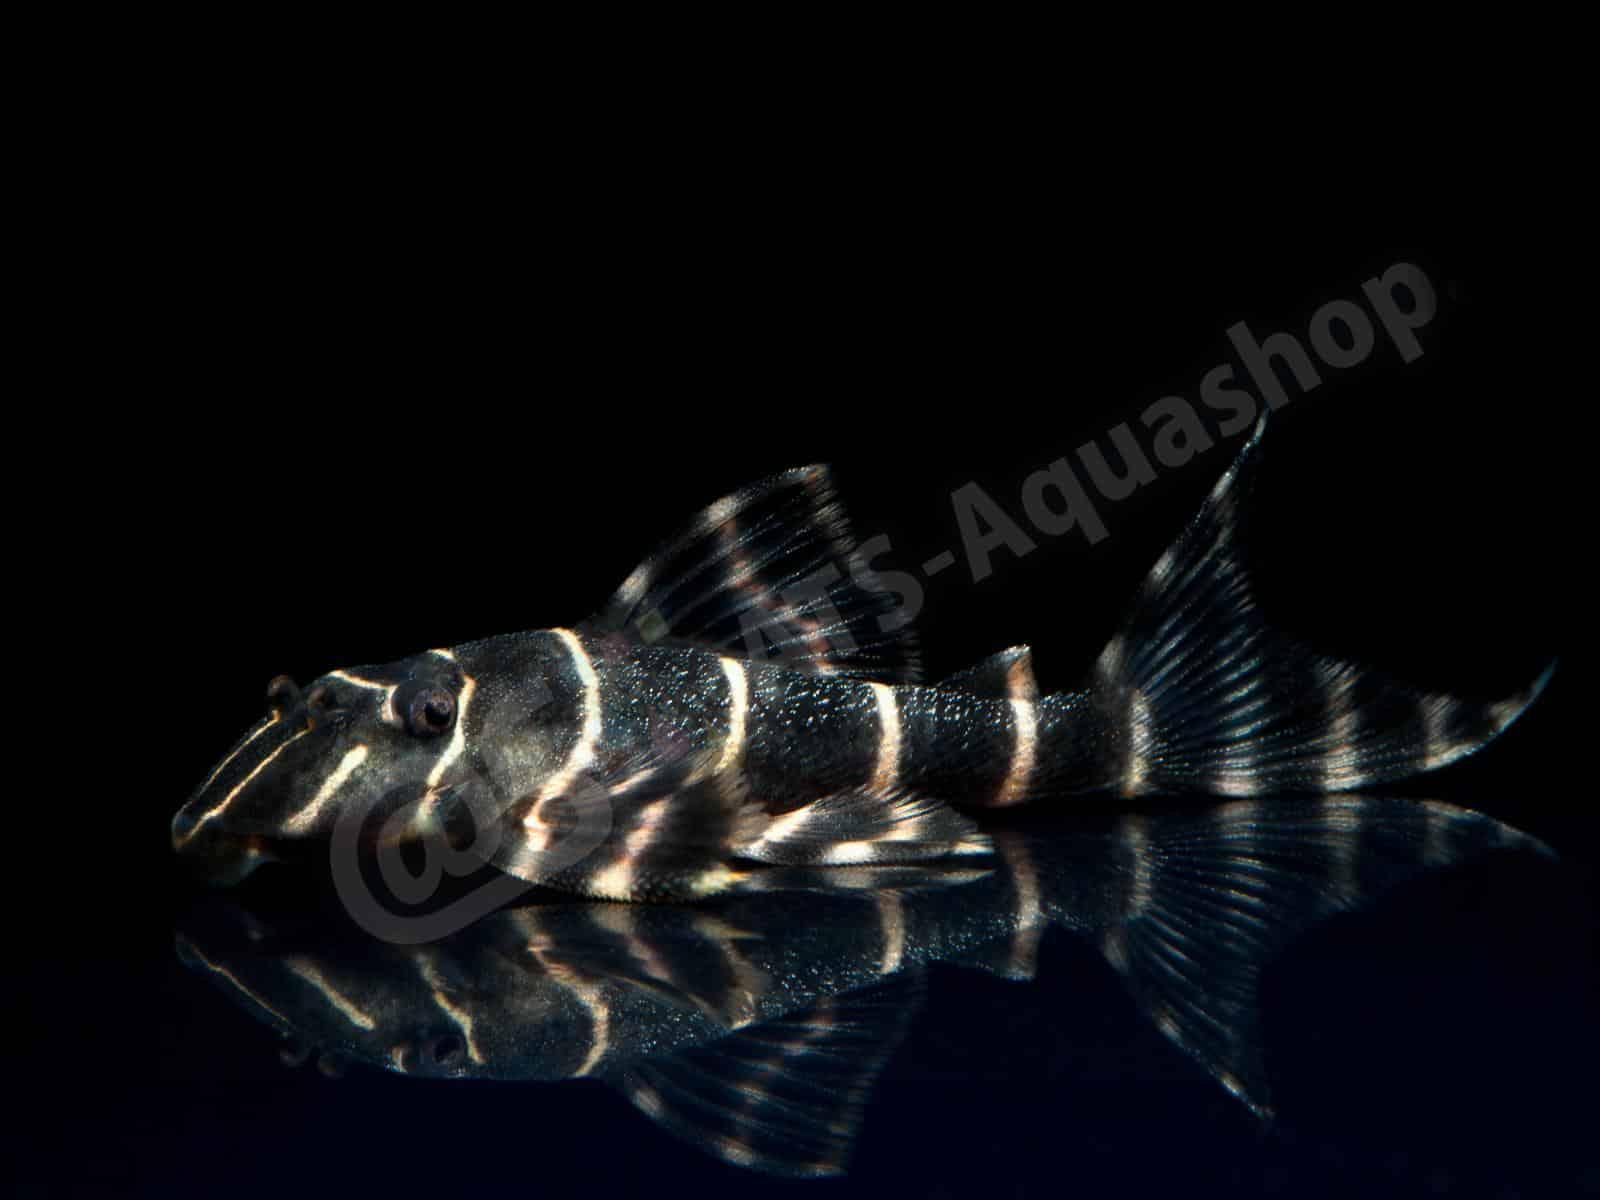 panaqolus albivermis l 204 enrico richter 0226 8